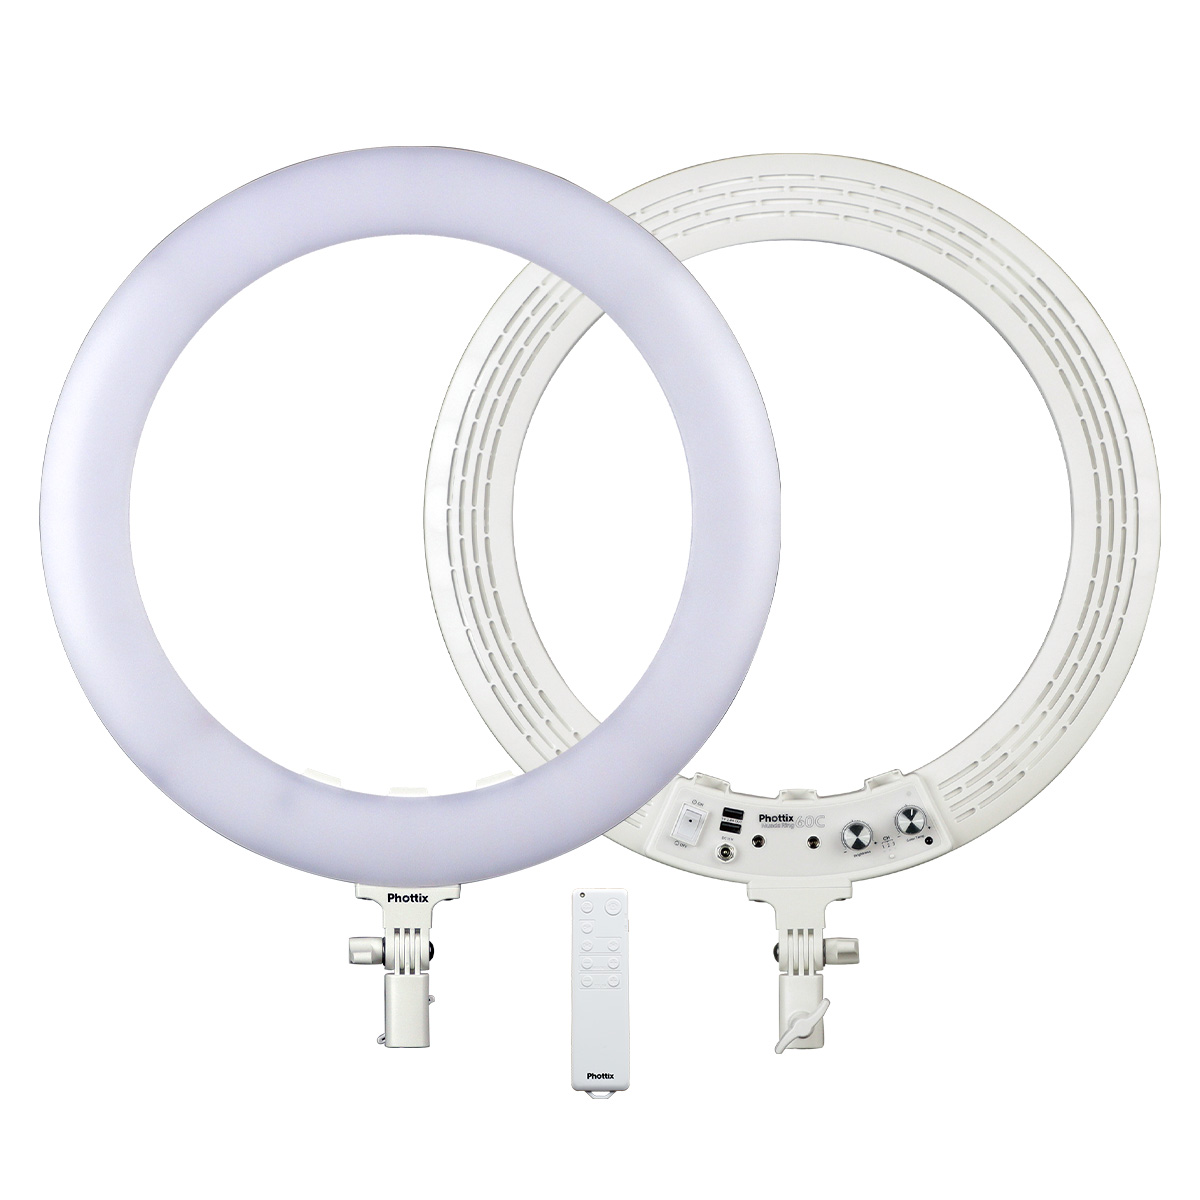 Phottix Nuada Ring60C LED Light Go Kit